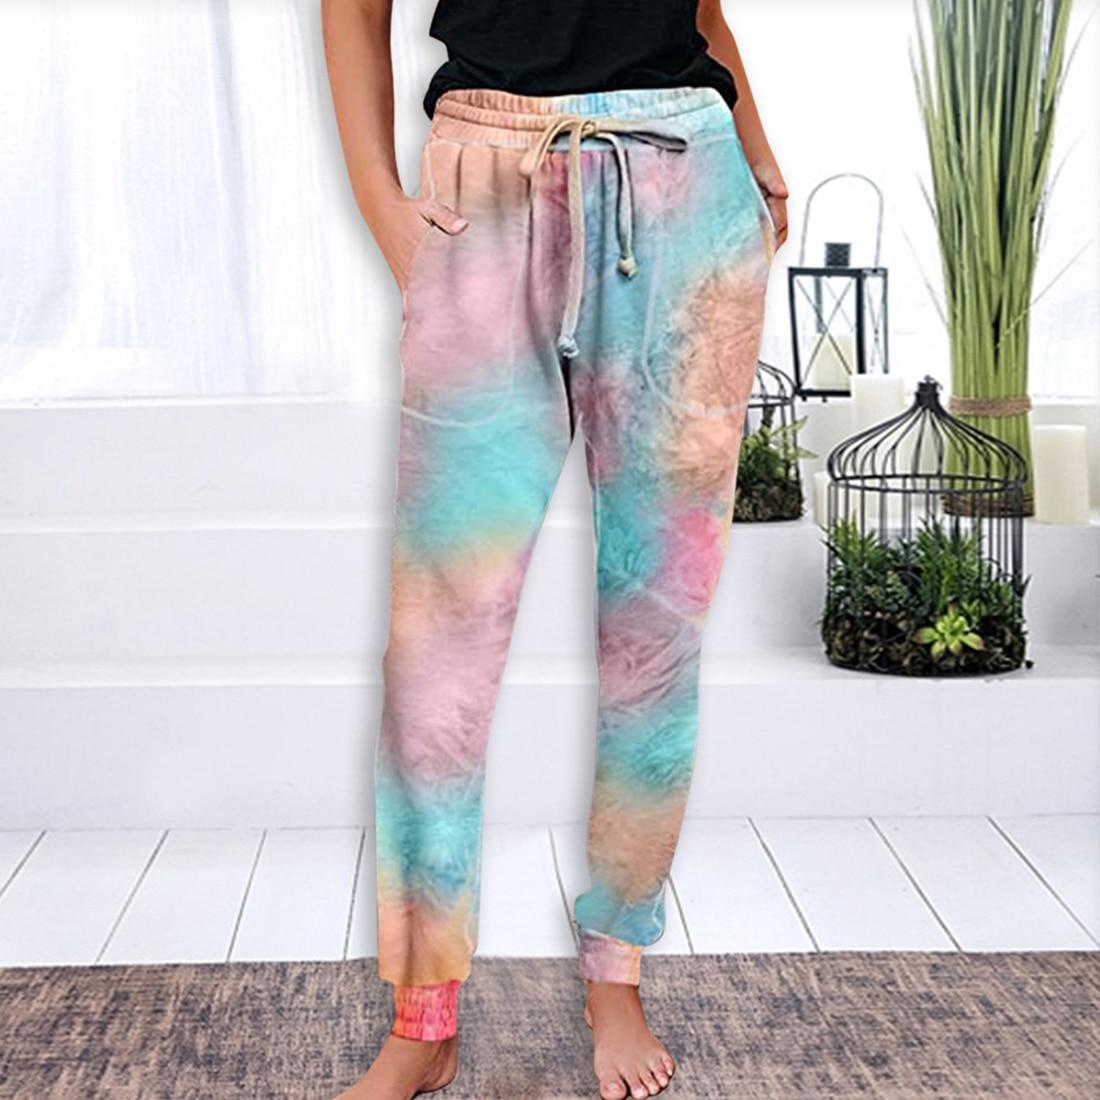 Pantalones LASPERAL de verano para mujer, pantalones elásticos de cintura alta, pantalones teñidos de corbata a la moda, pantalones casuales sueltos para mujer